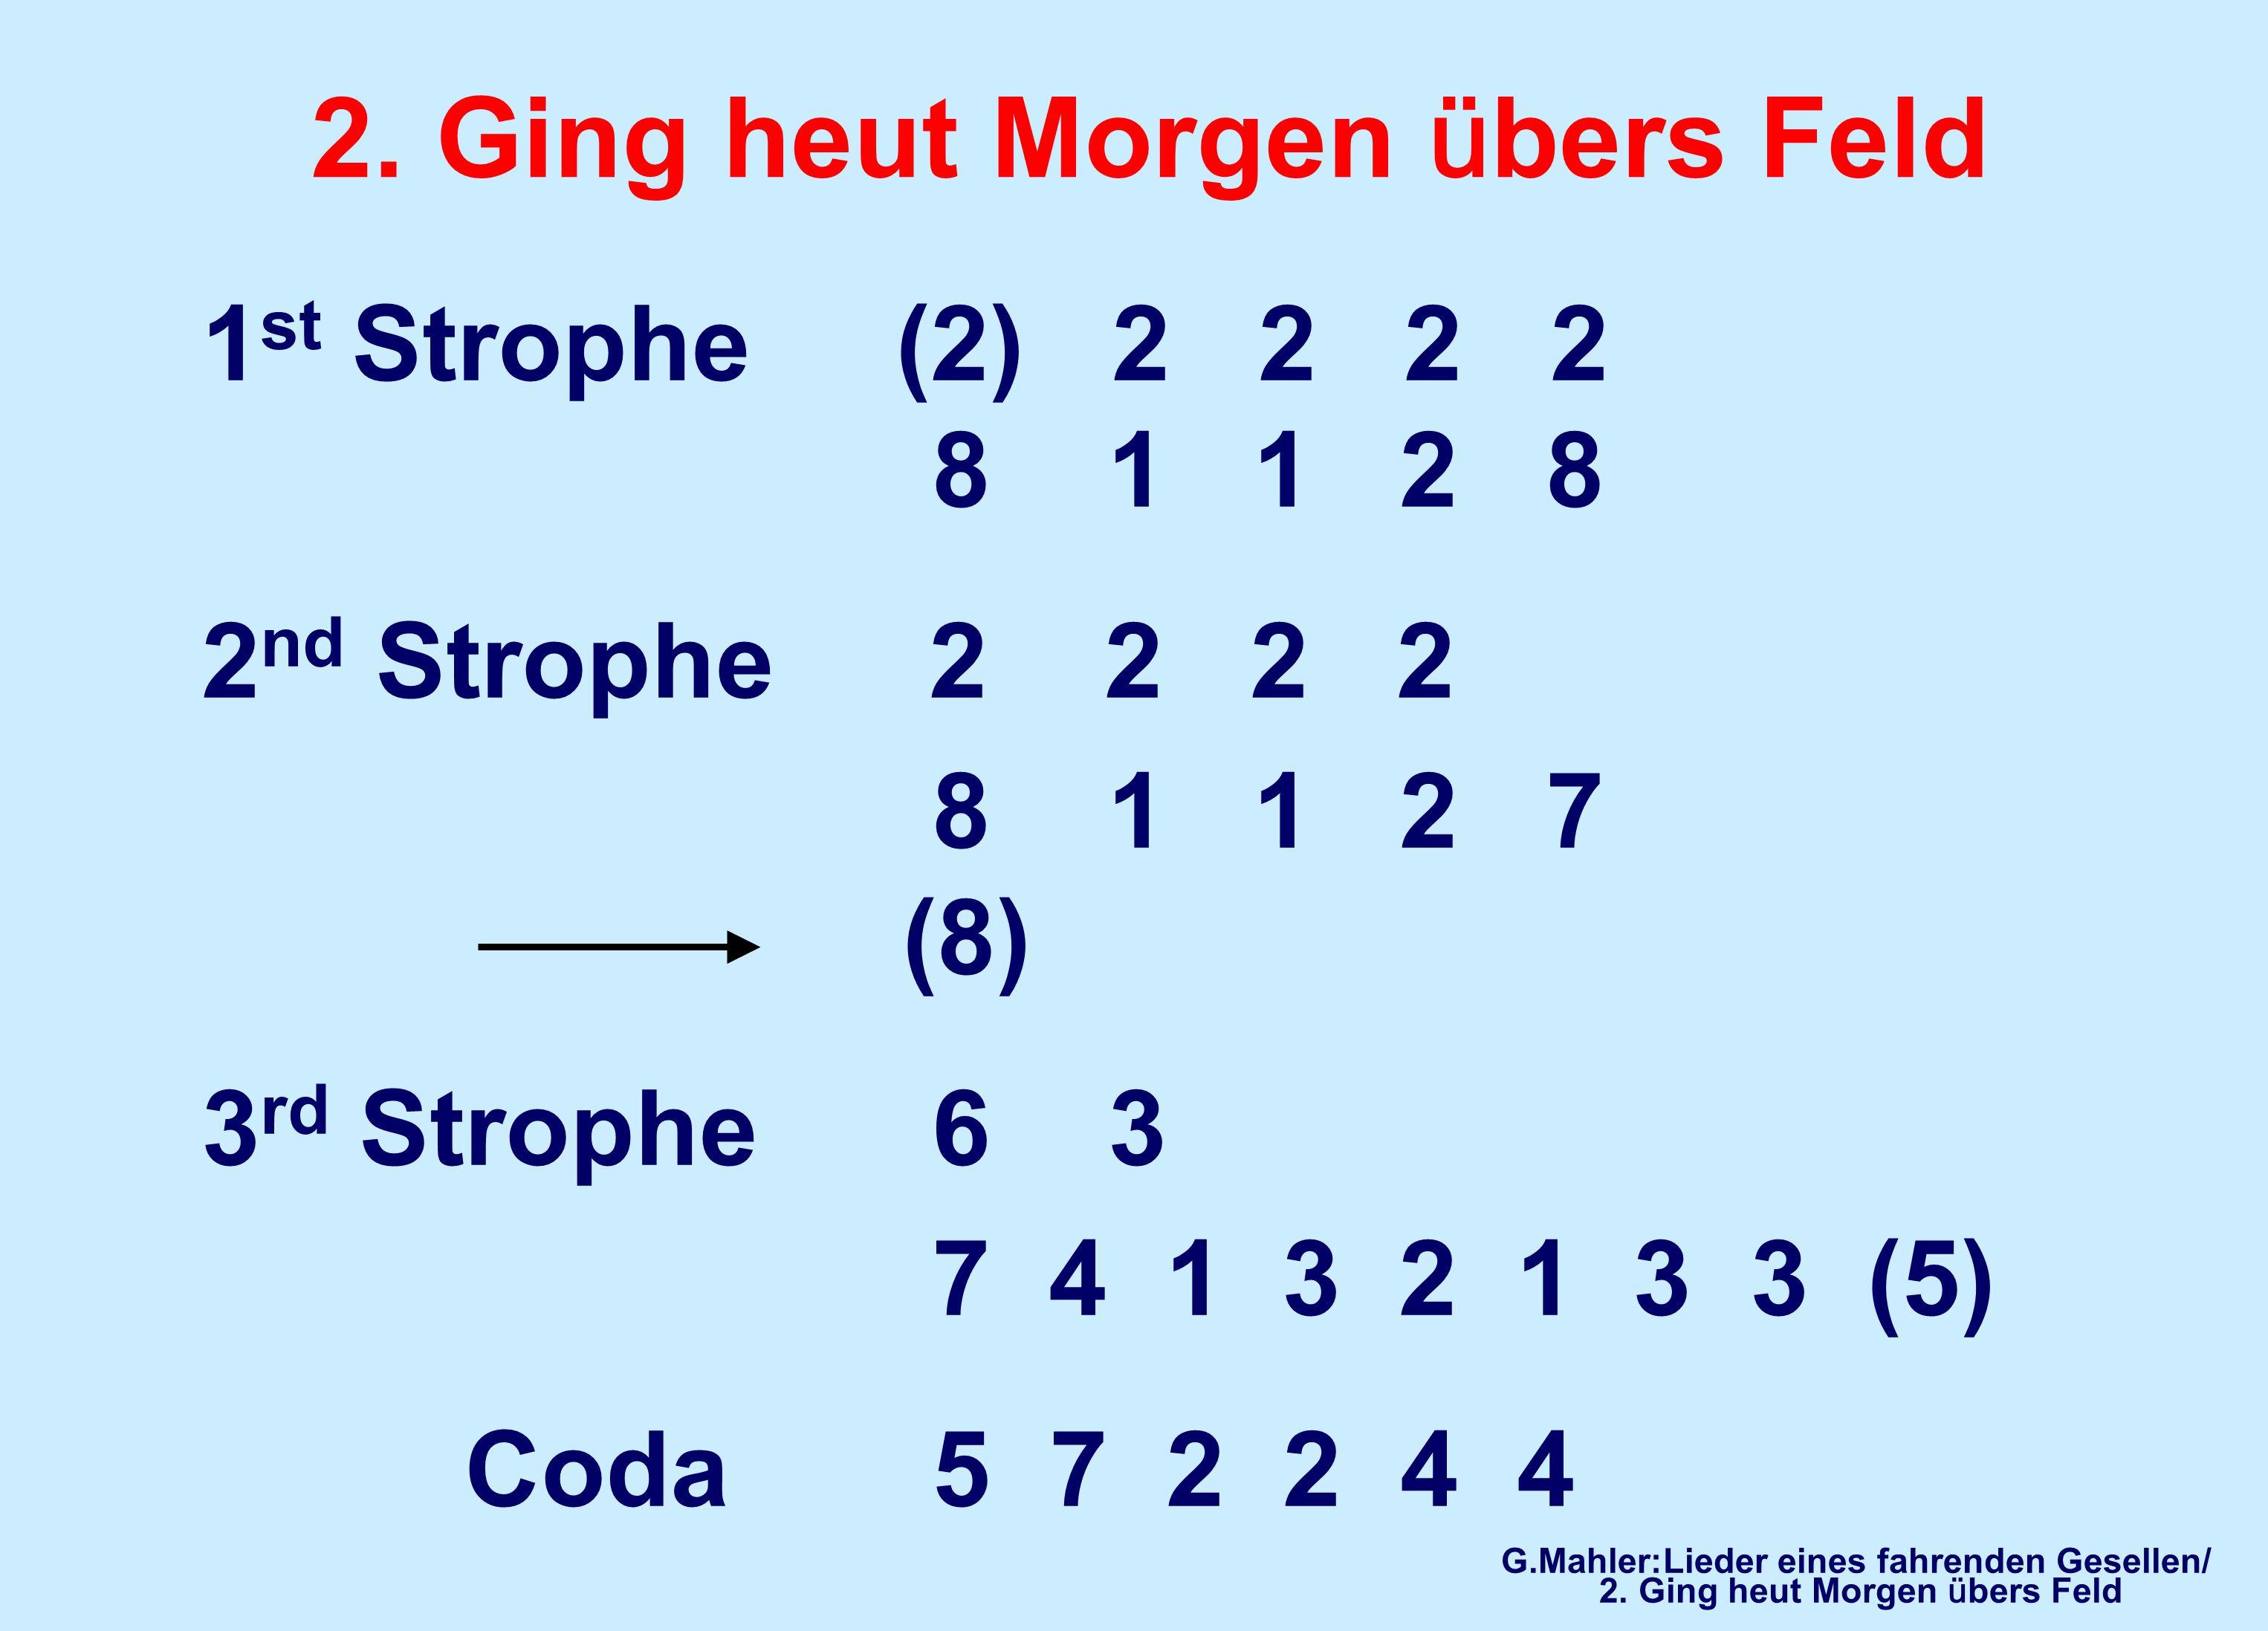 2. Ging heut Morgen übers Feld 1 st Strophe (2) 2 2 2 2 8 1 1 2 8 2 nd Strophe 2 2 2 2 8 1 1 2 7 (8) 3 rd Strophe 6 3 7 4 1 3 2 1 3 3 (5) Coda 5 7 2 2